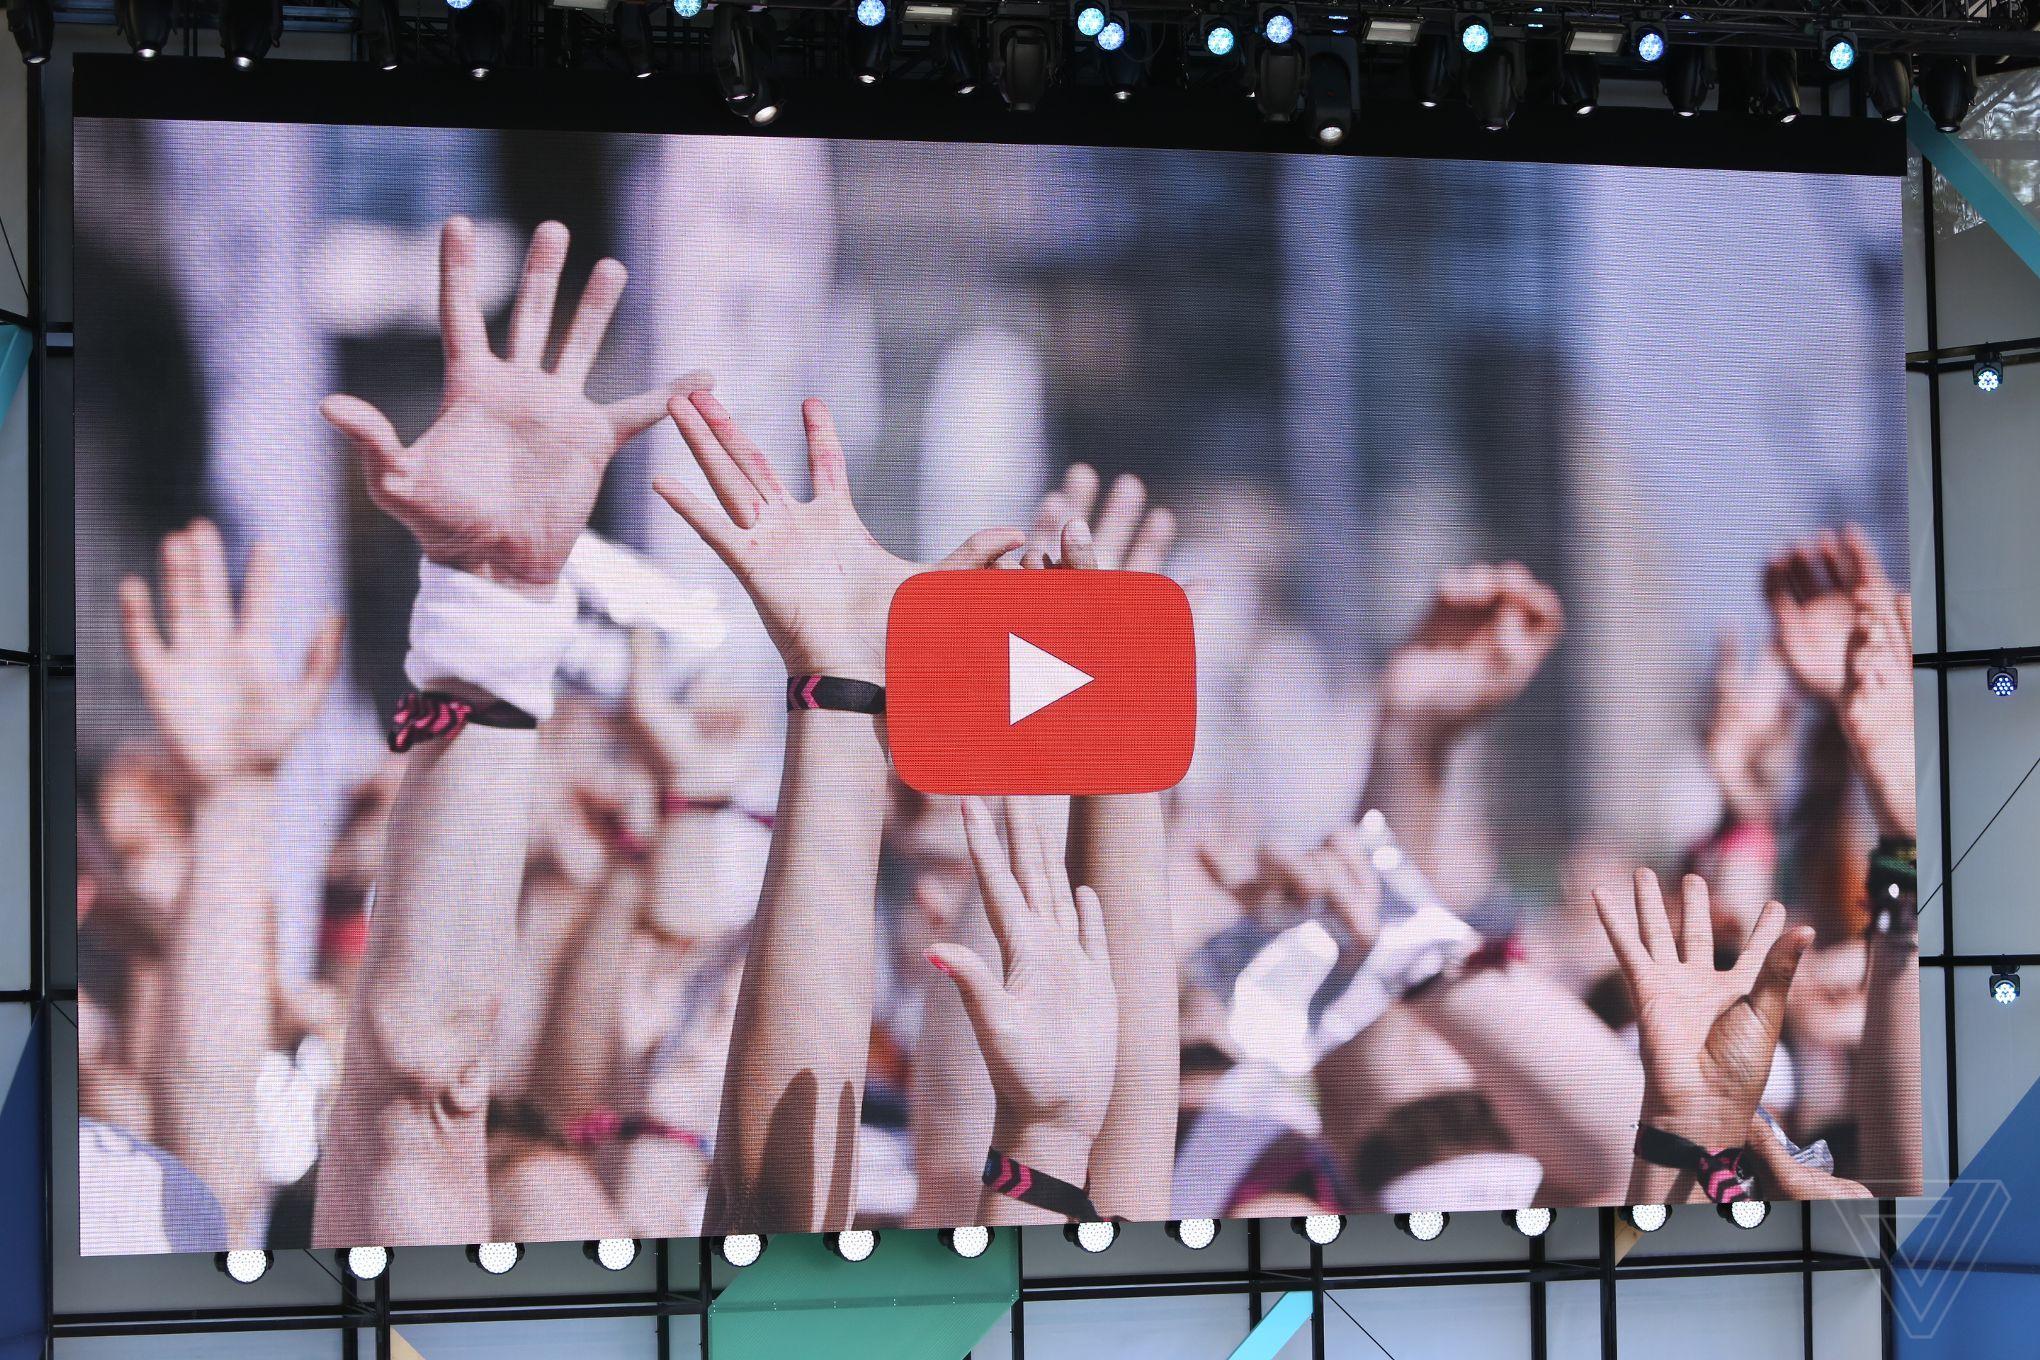 I/O 2017: يوتيوب يجلب فيديوهات 360 درجة إلى التلفاز الذكي - عالم التقنية